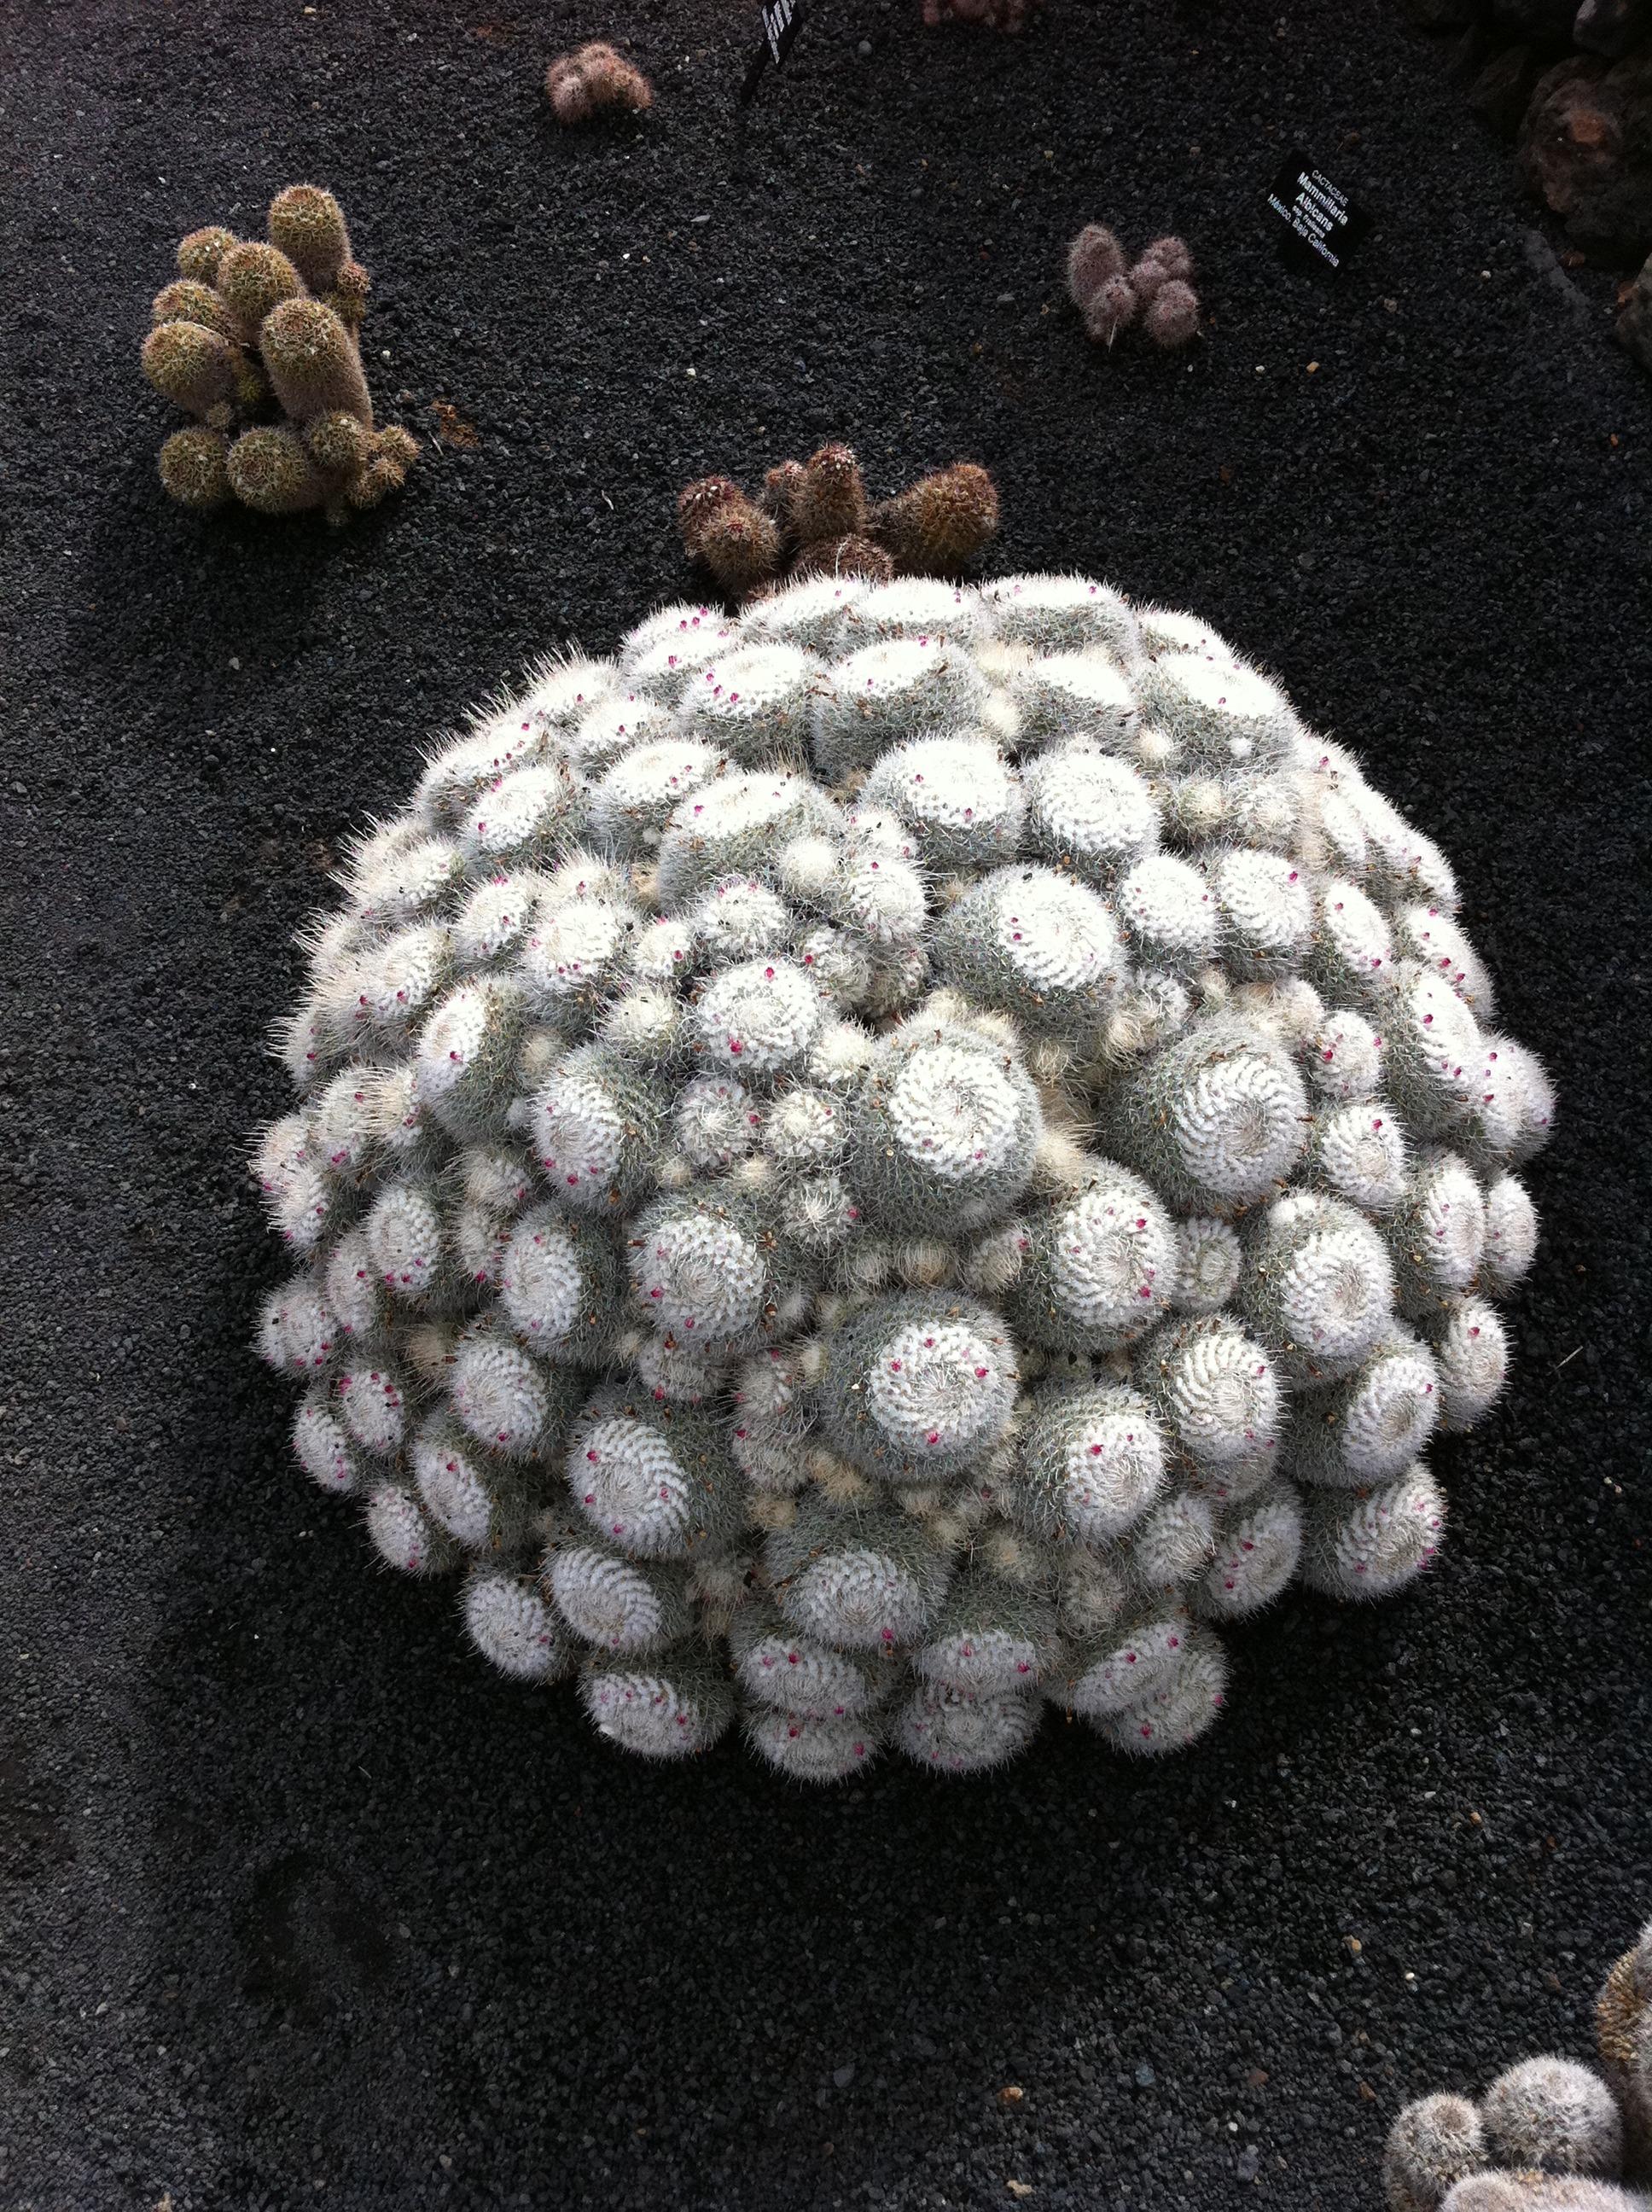 Kostenlose foto : Rock, Blume, Muster, Kieselstein, Perle, Material ...